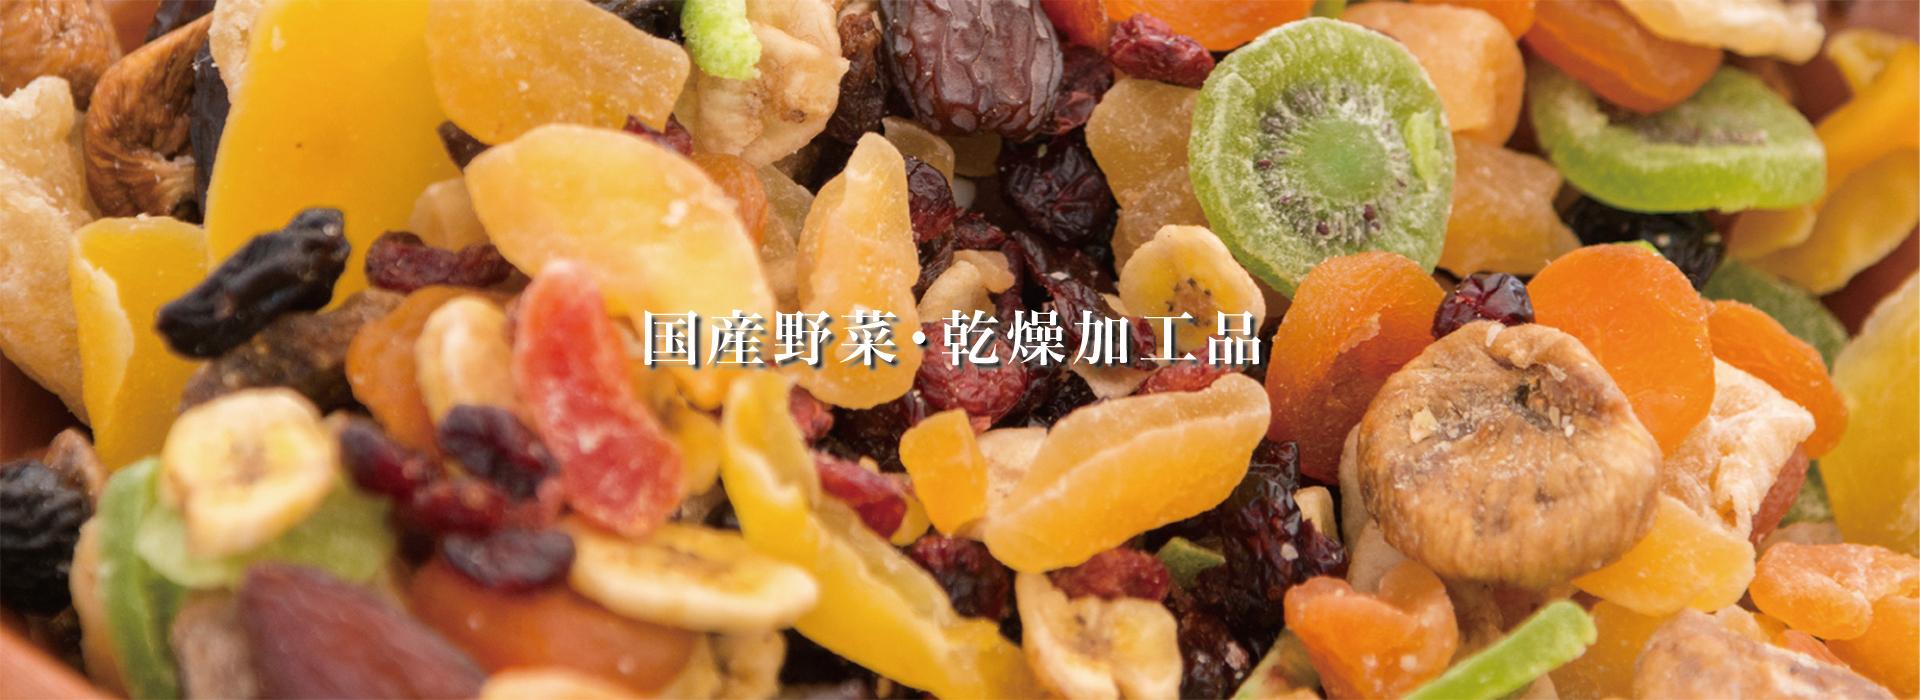 国産野菜・乾燥加工品関連情報